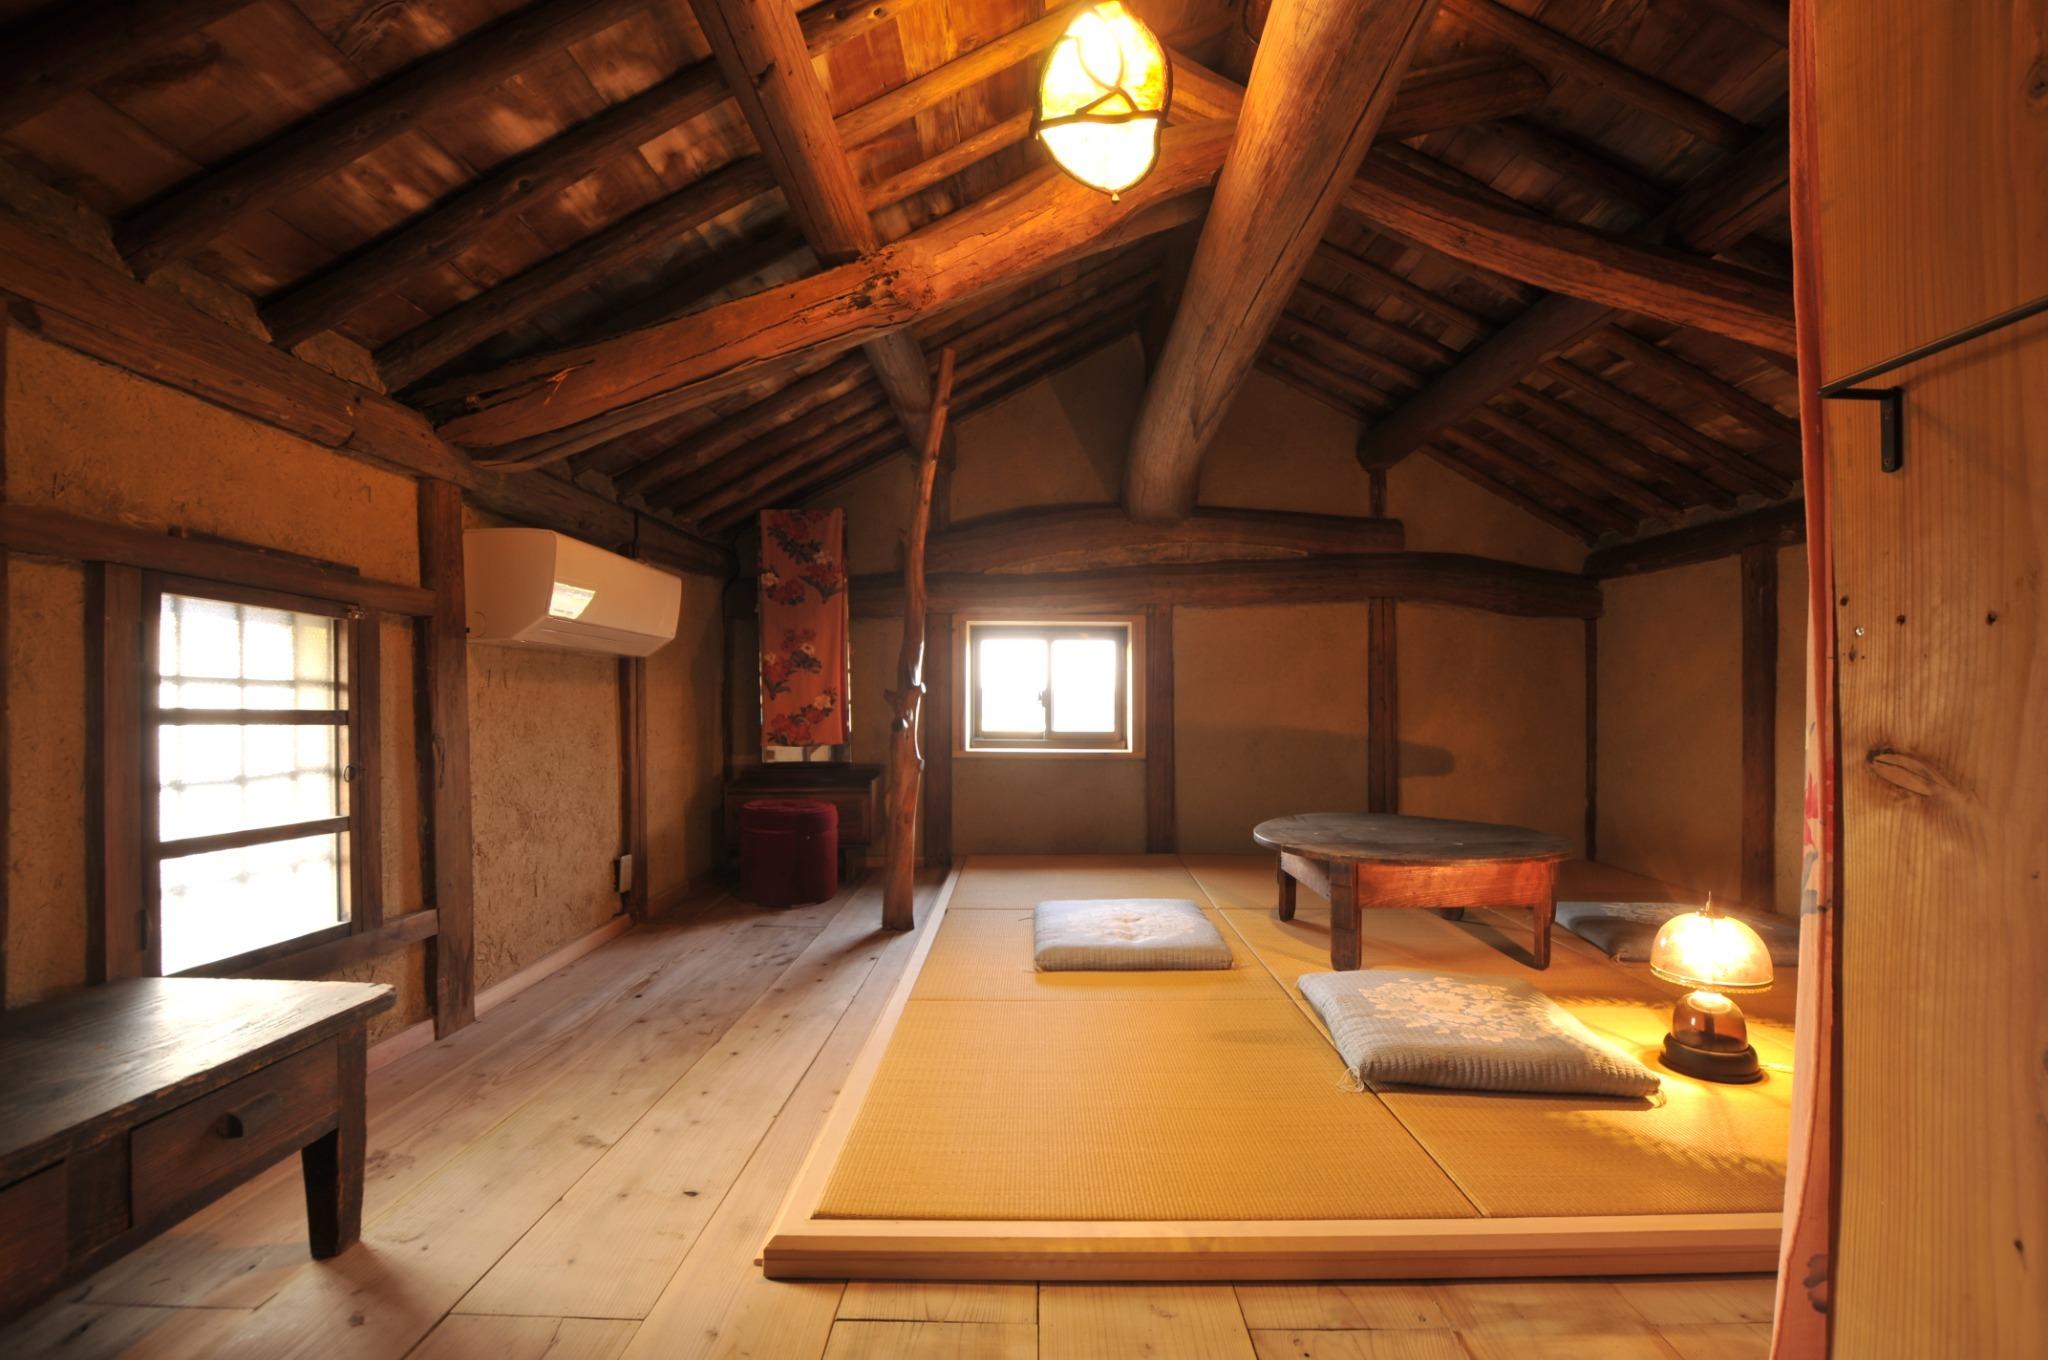 築100年の古民家 全室和室の広いお部屋で日頃の疲れを癒しませんか・